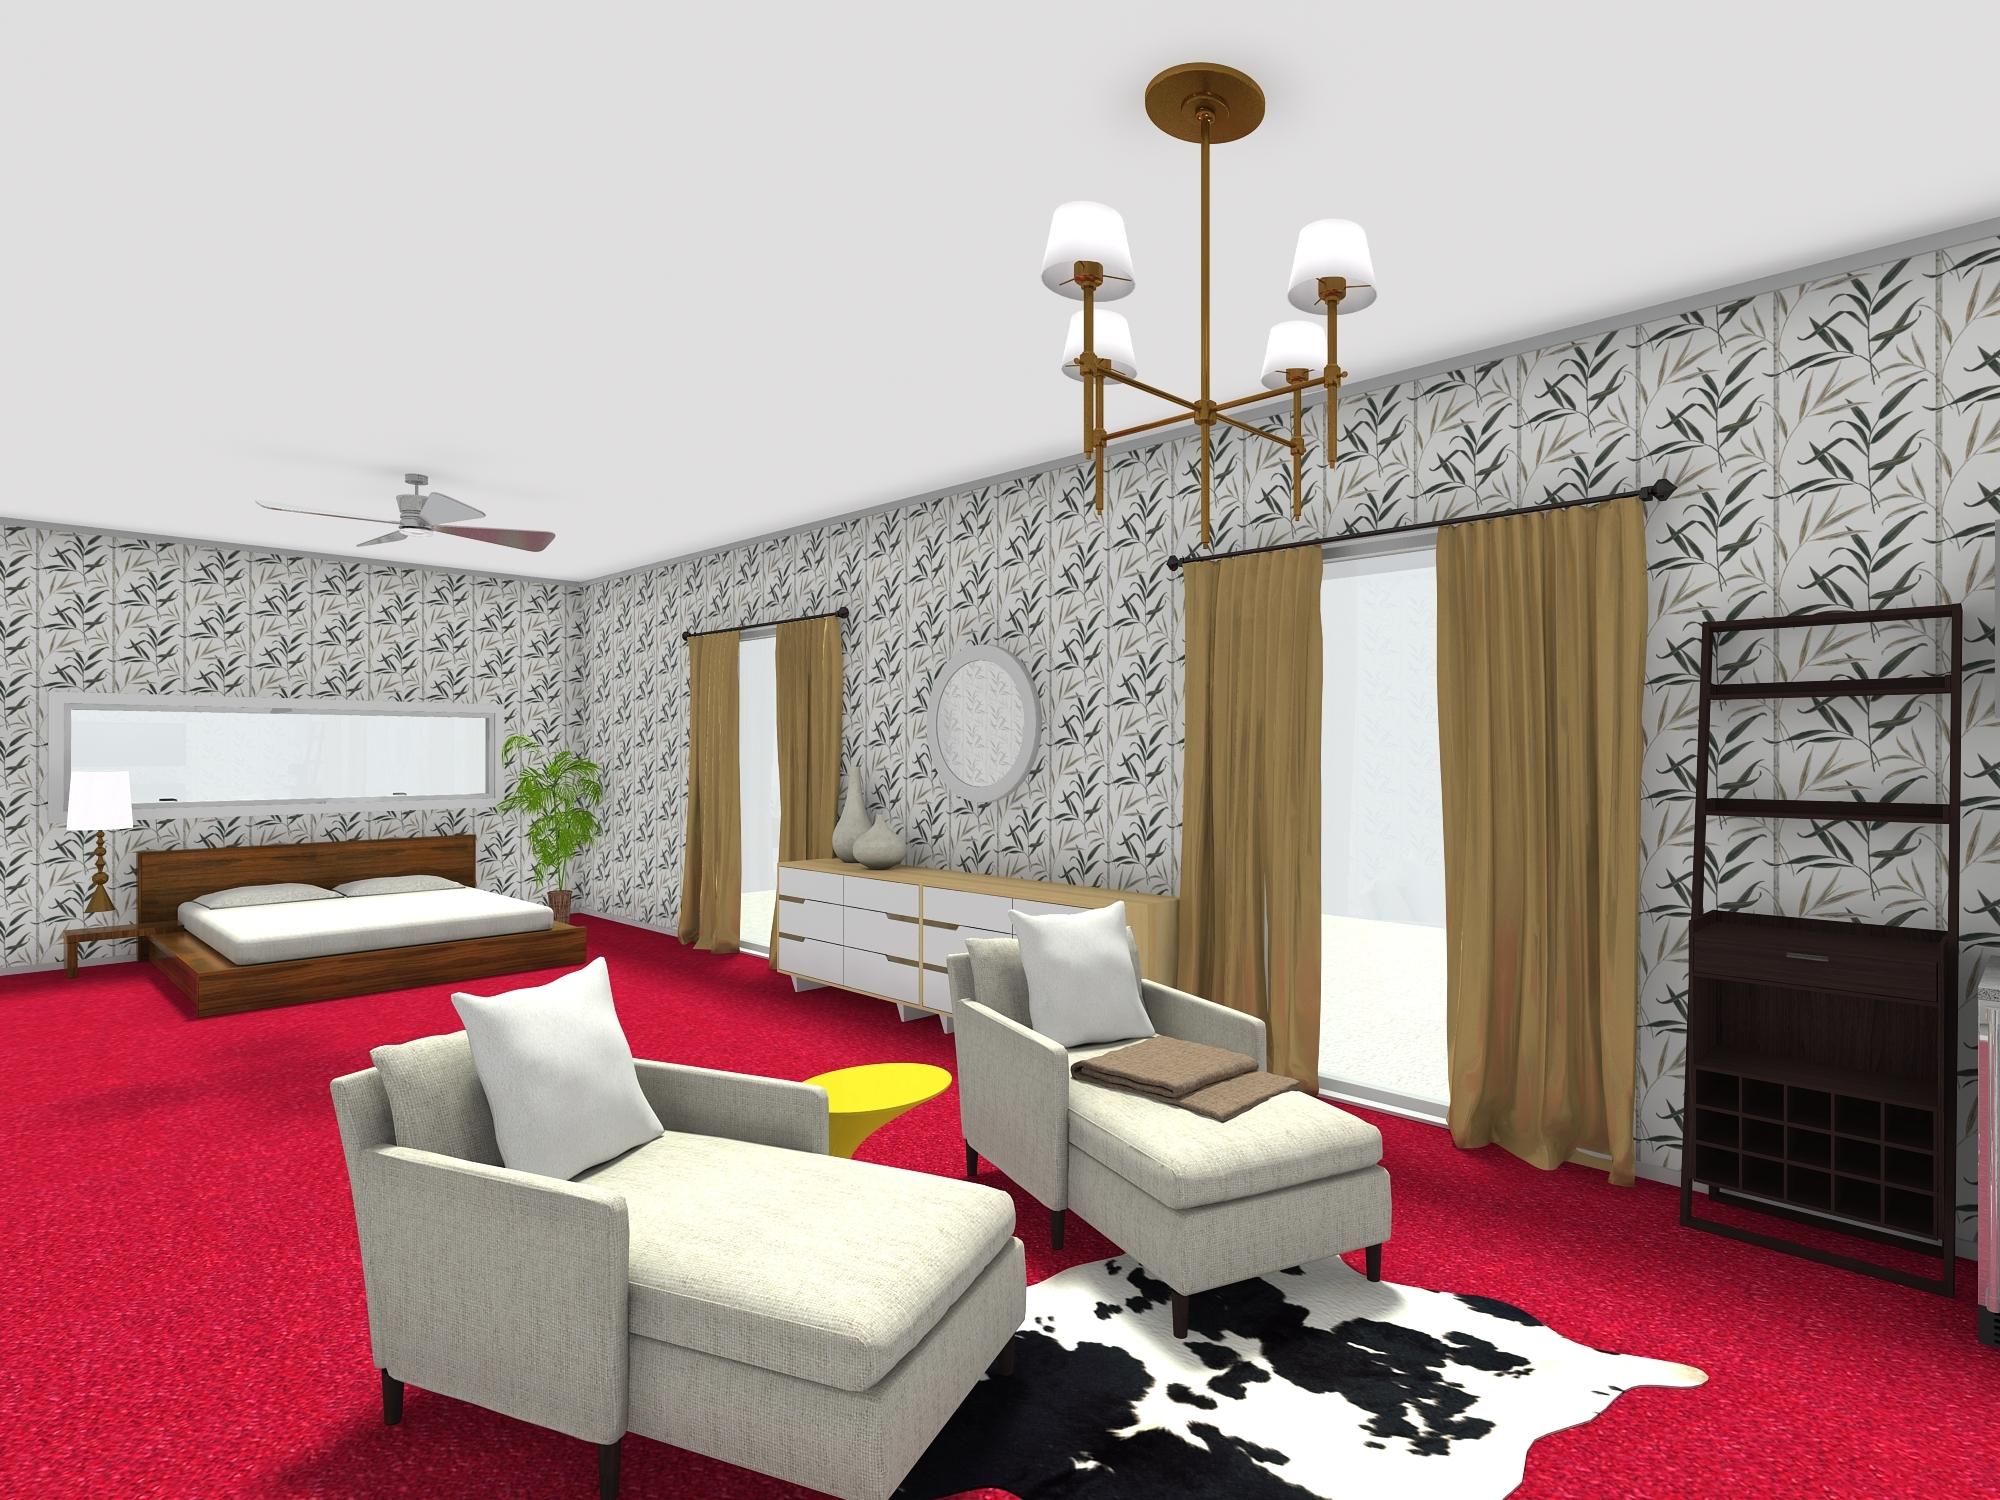 thewlis house - 1. Floor - 3D Photo - 20122361.jpg